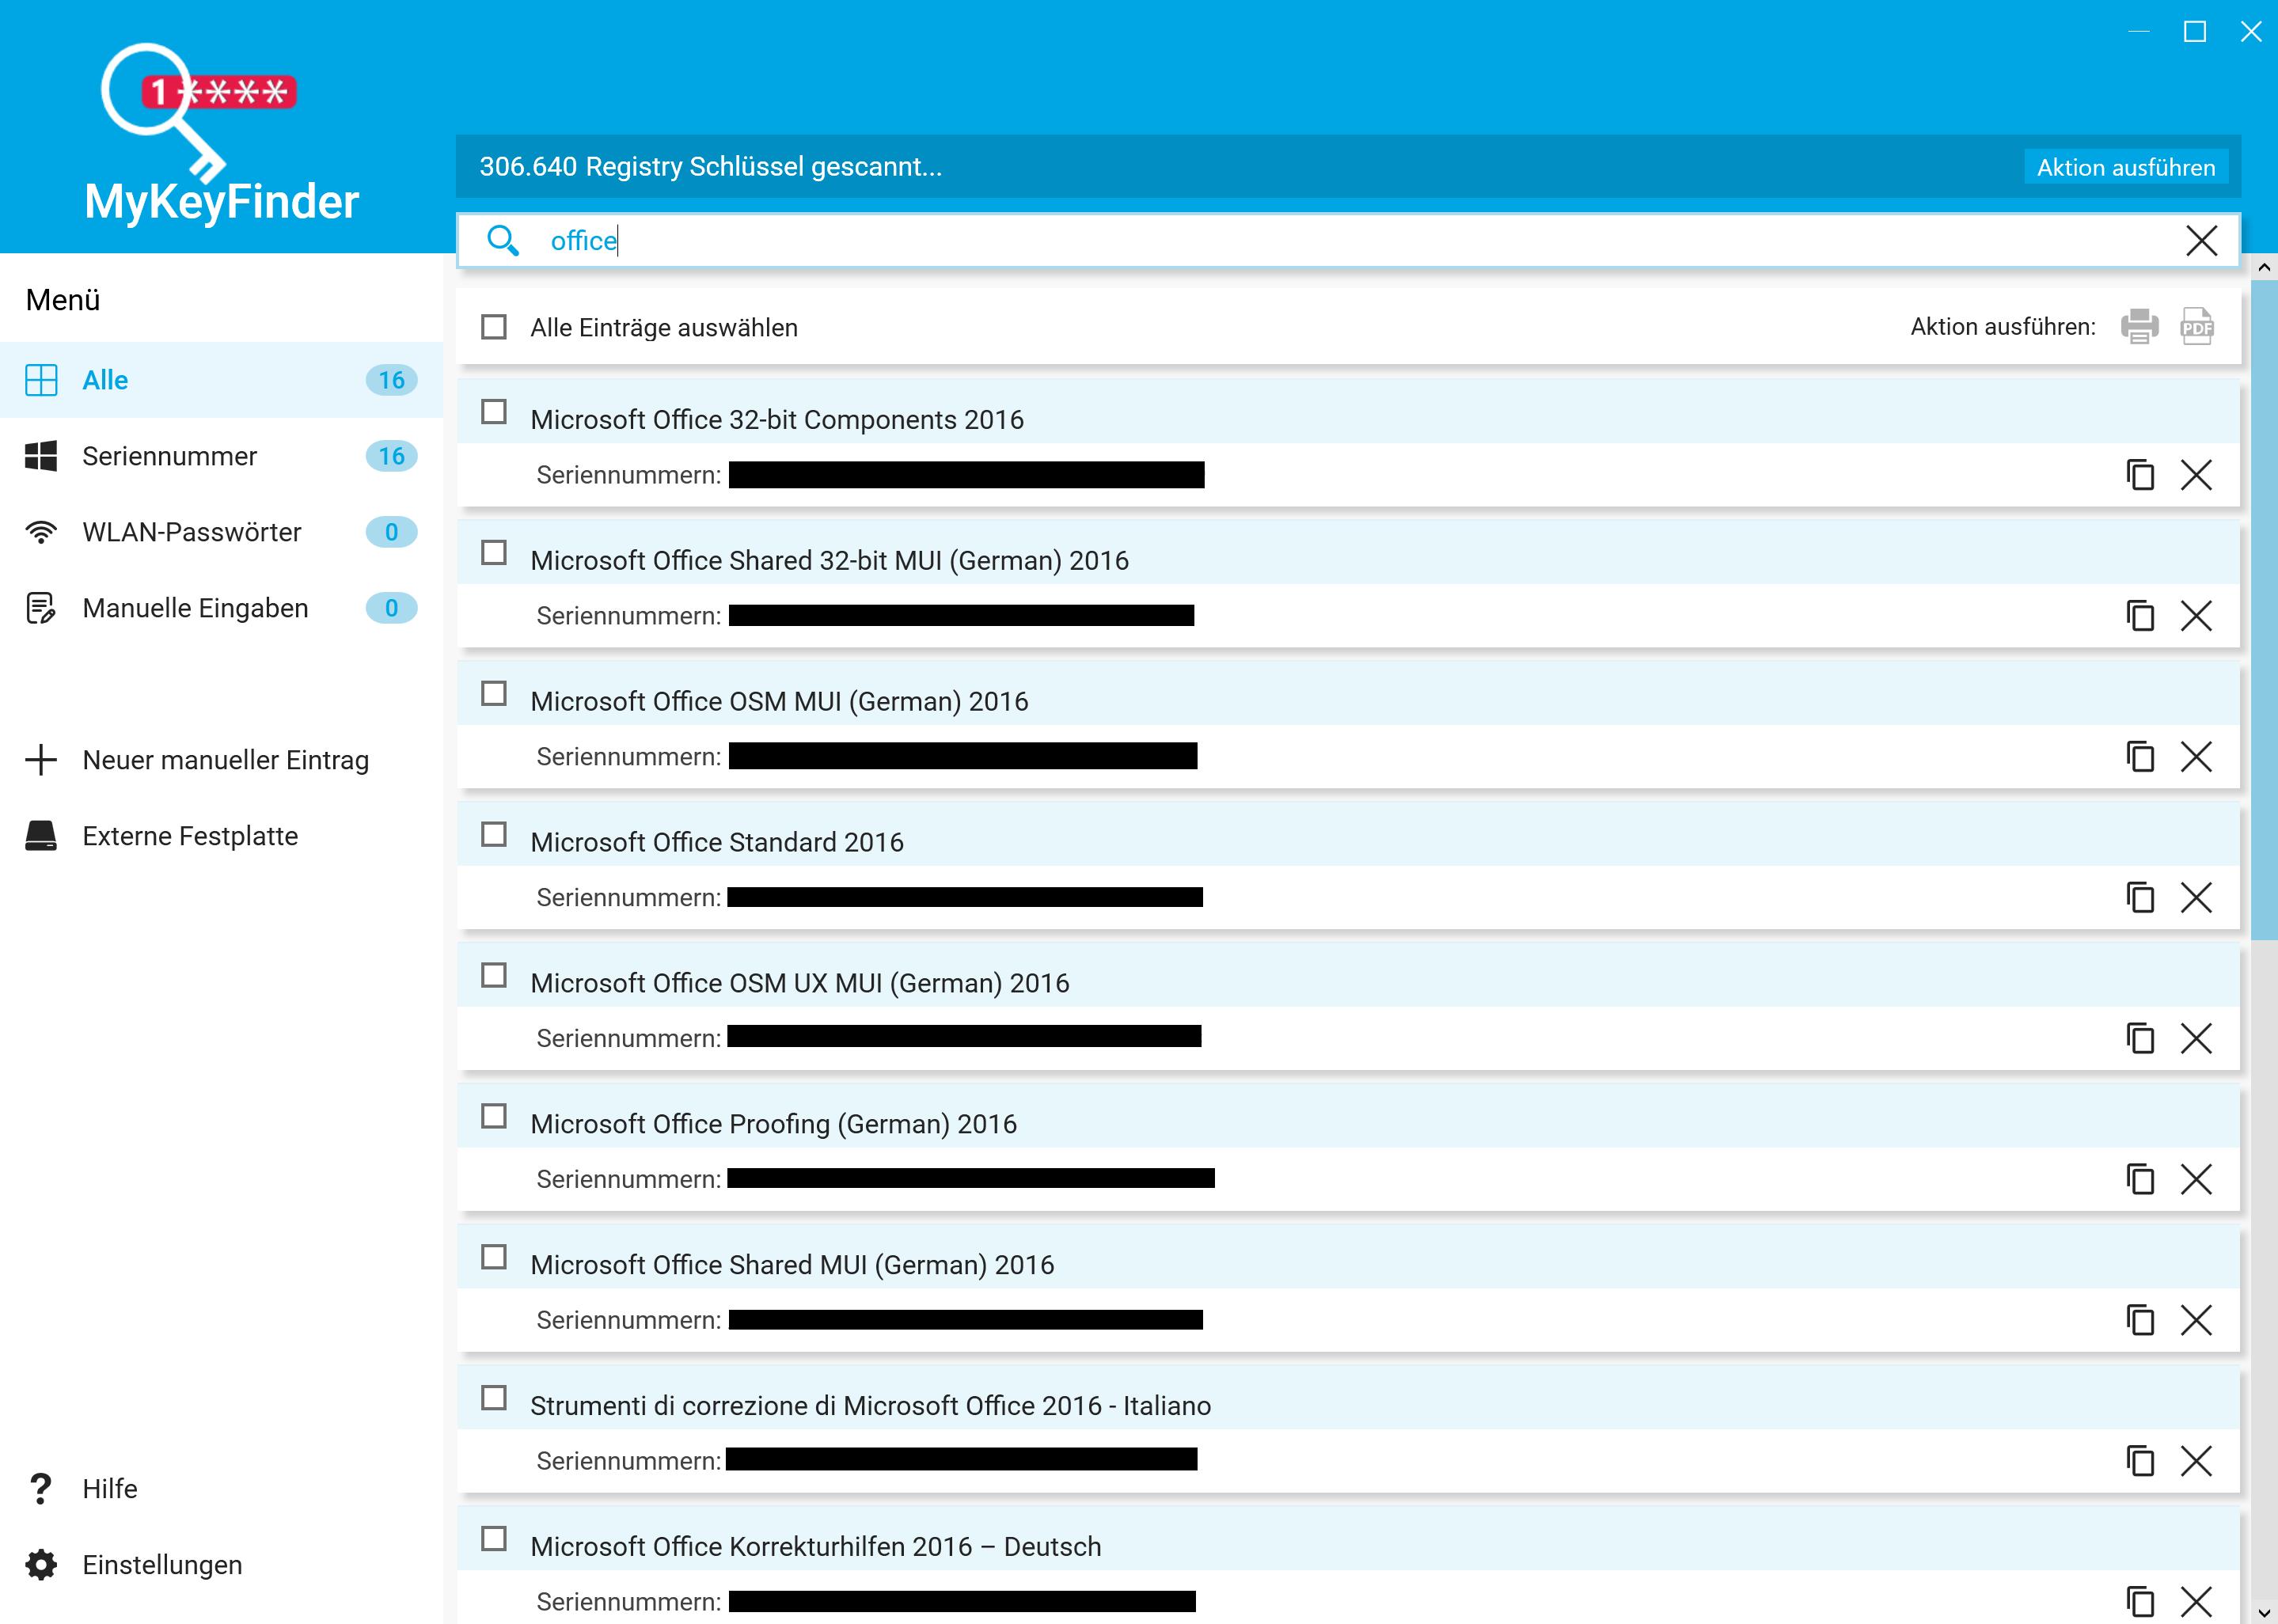 Office Product Key herausfinden und auslesen - Alle Keys anzeigen